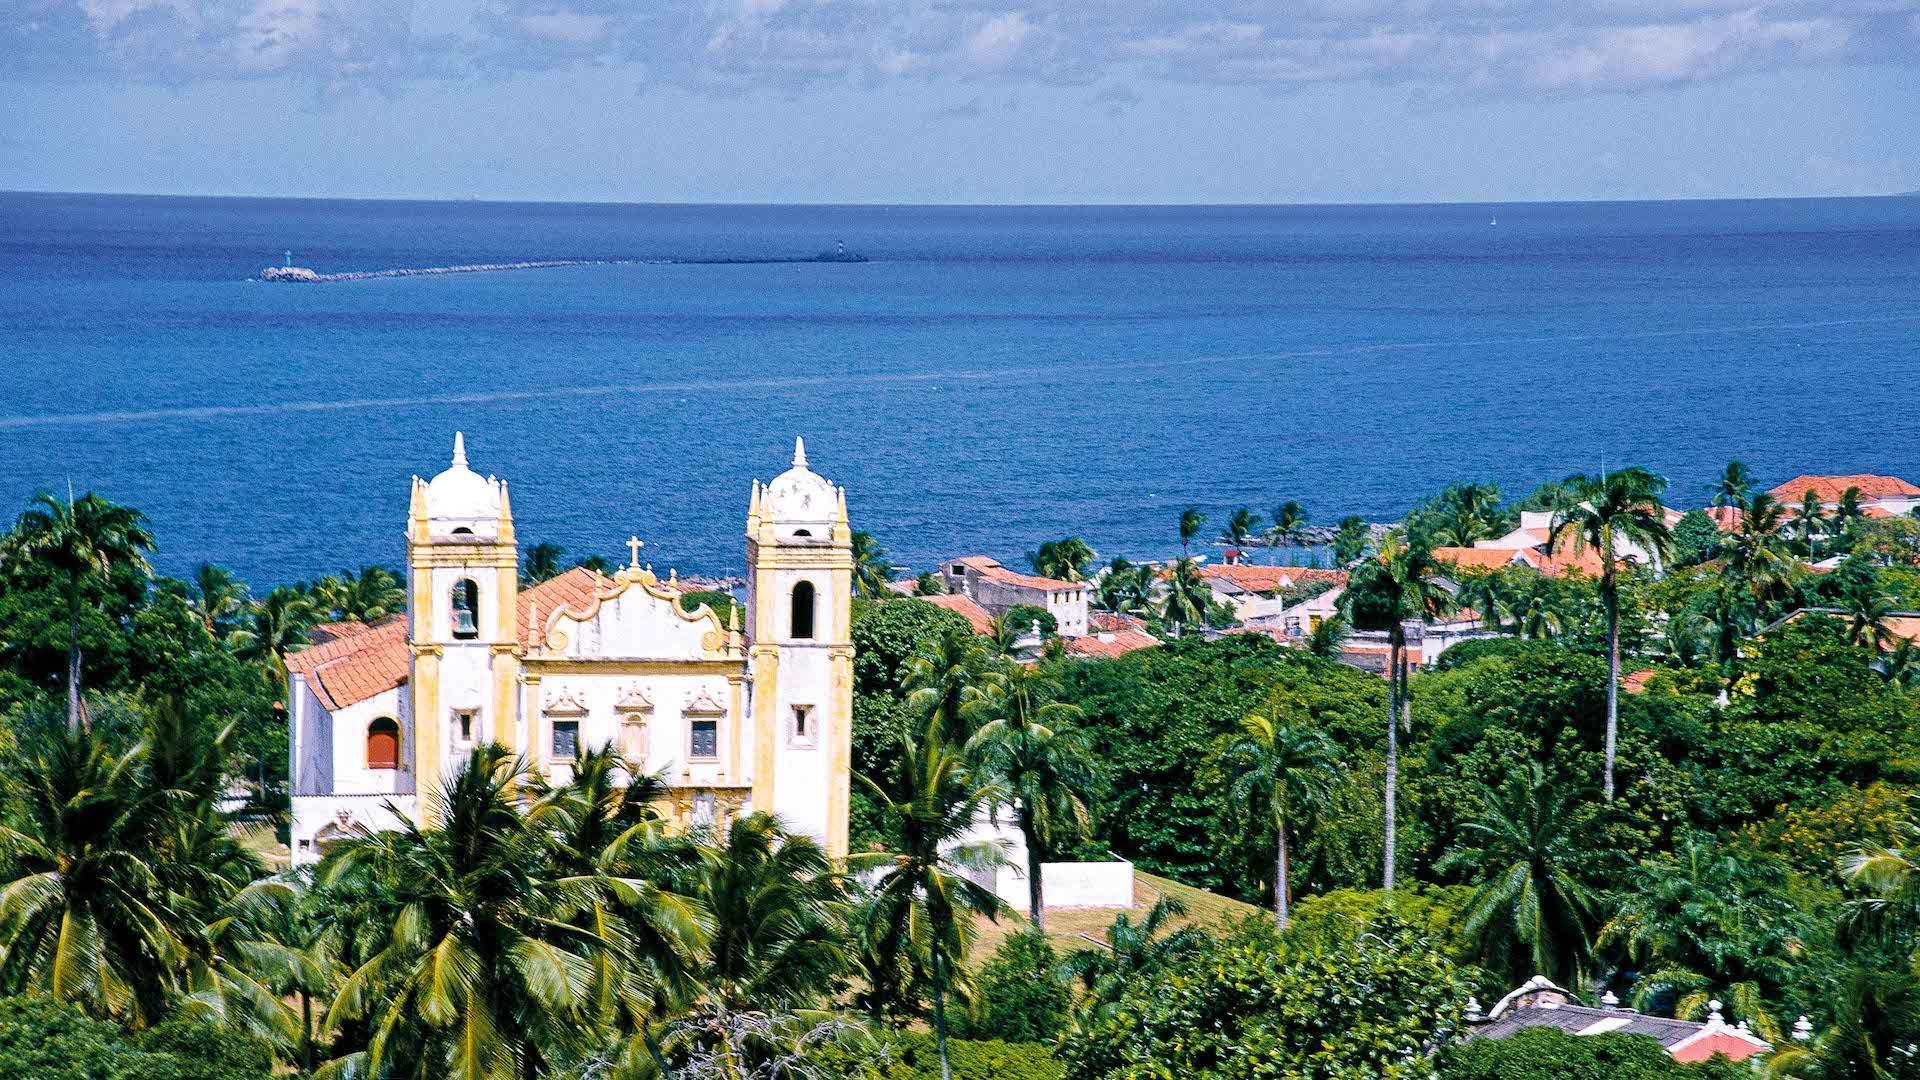 Historische Kirche am Meer in Olinda nahe Recife